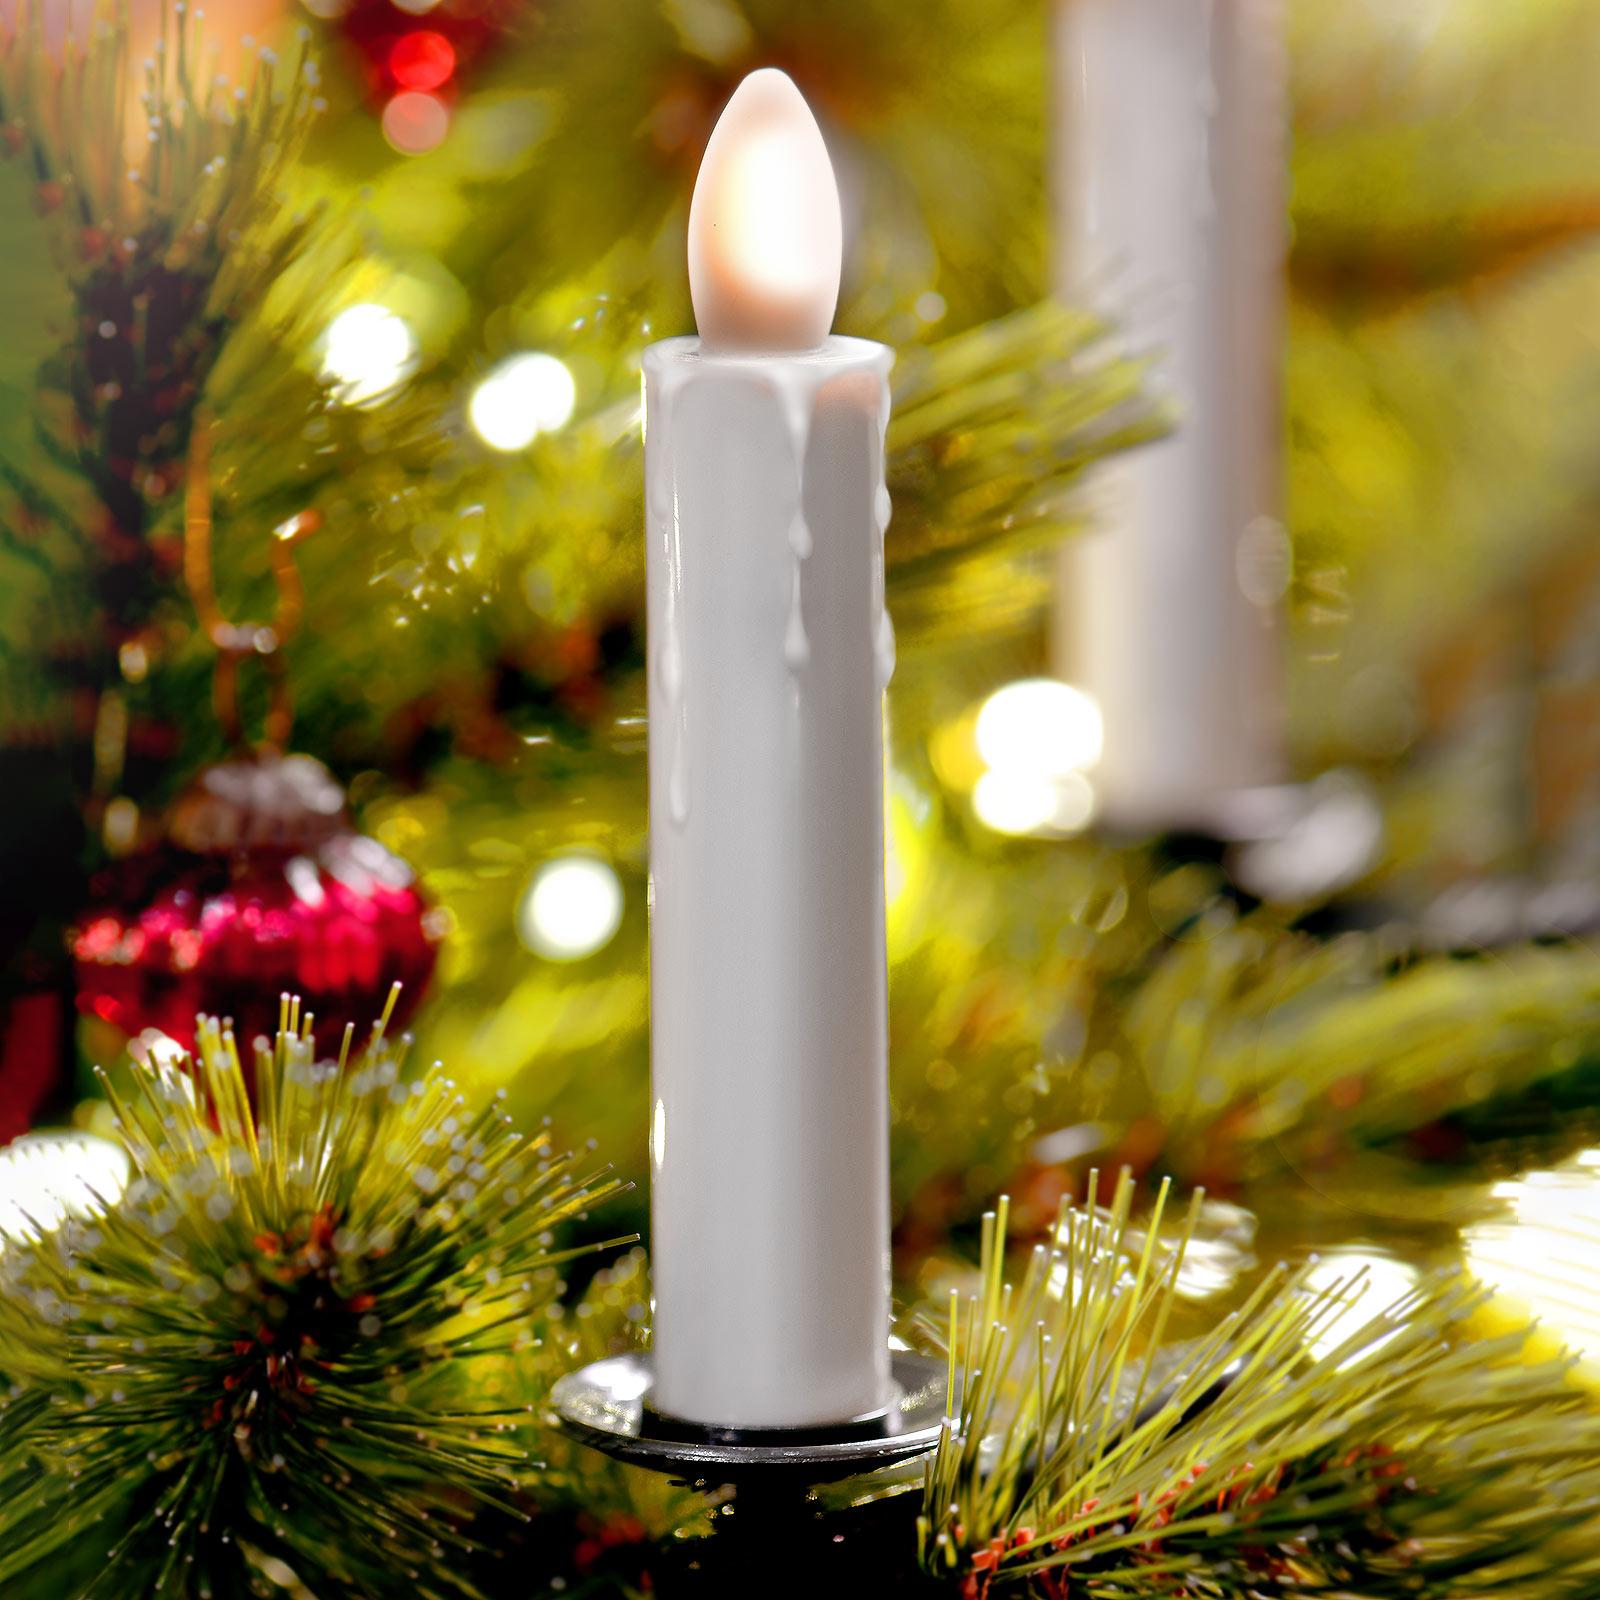 LED-boomkaars Shine, ivoor, draadloos, 5 per set